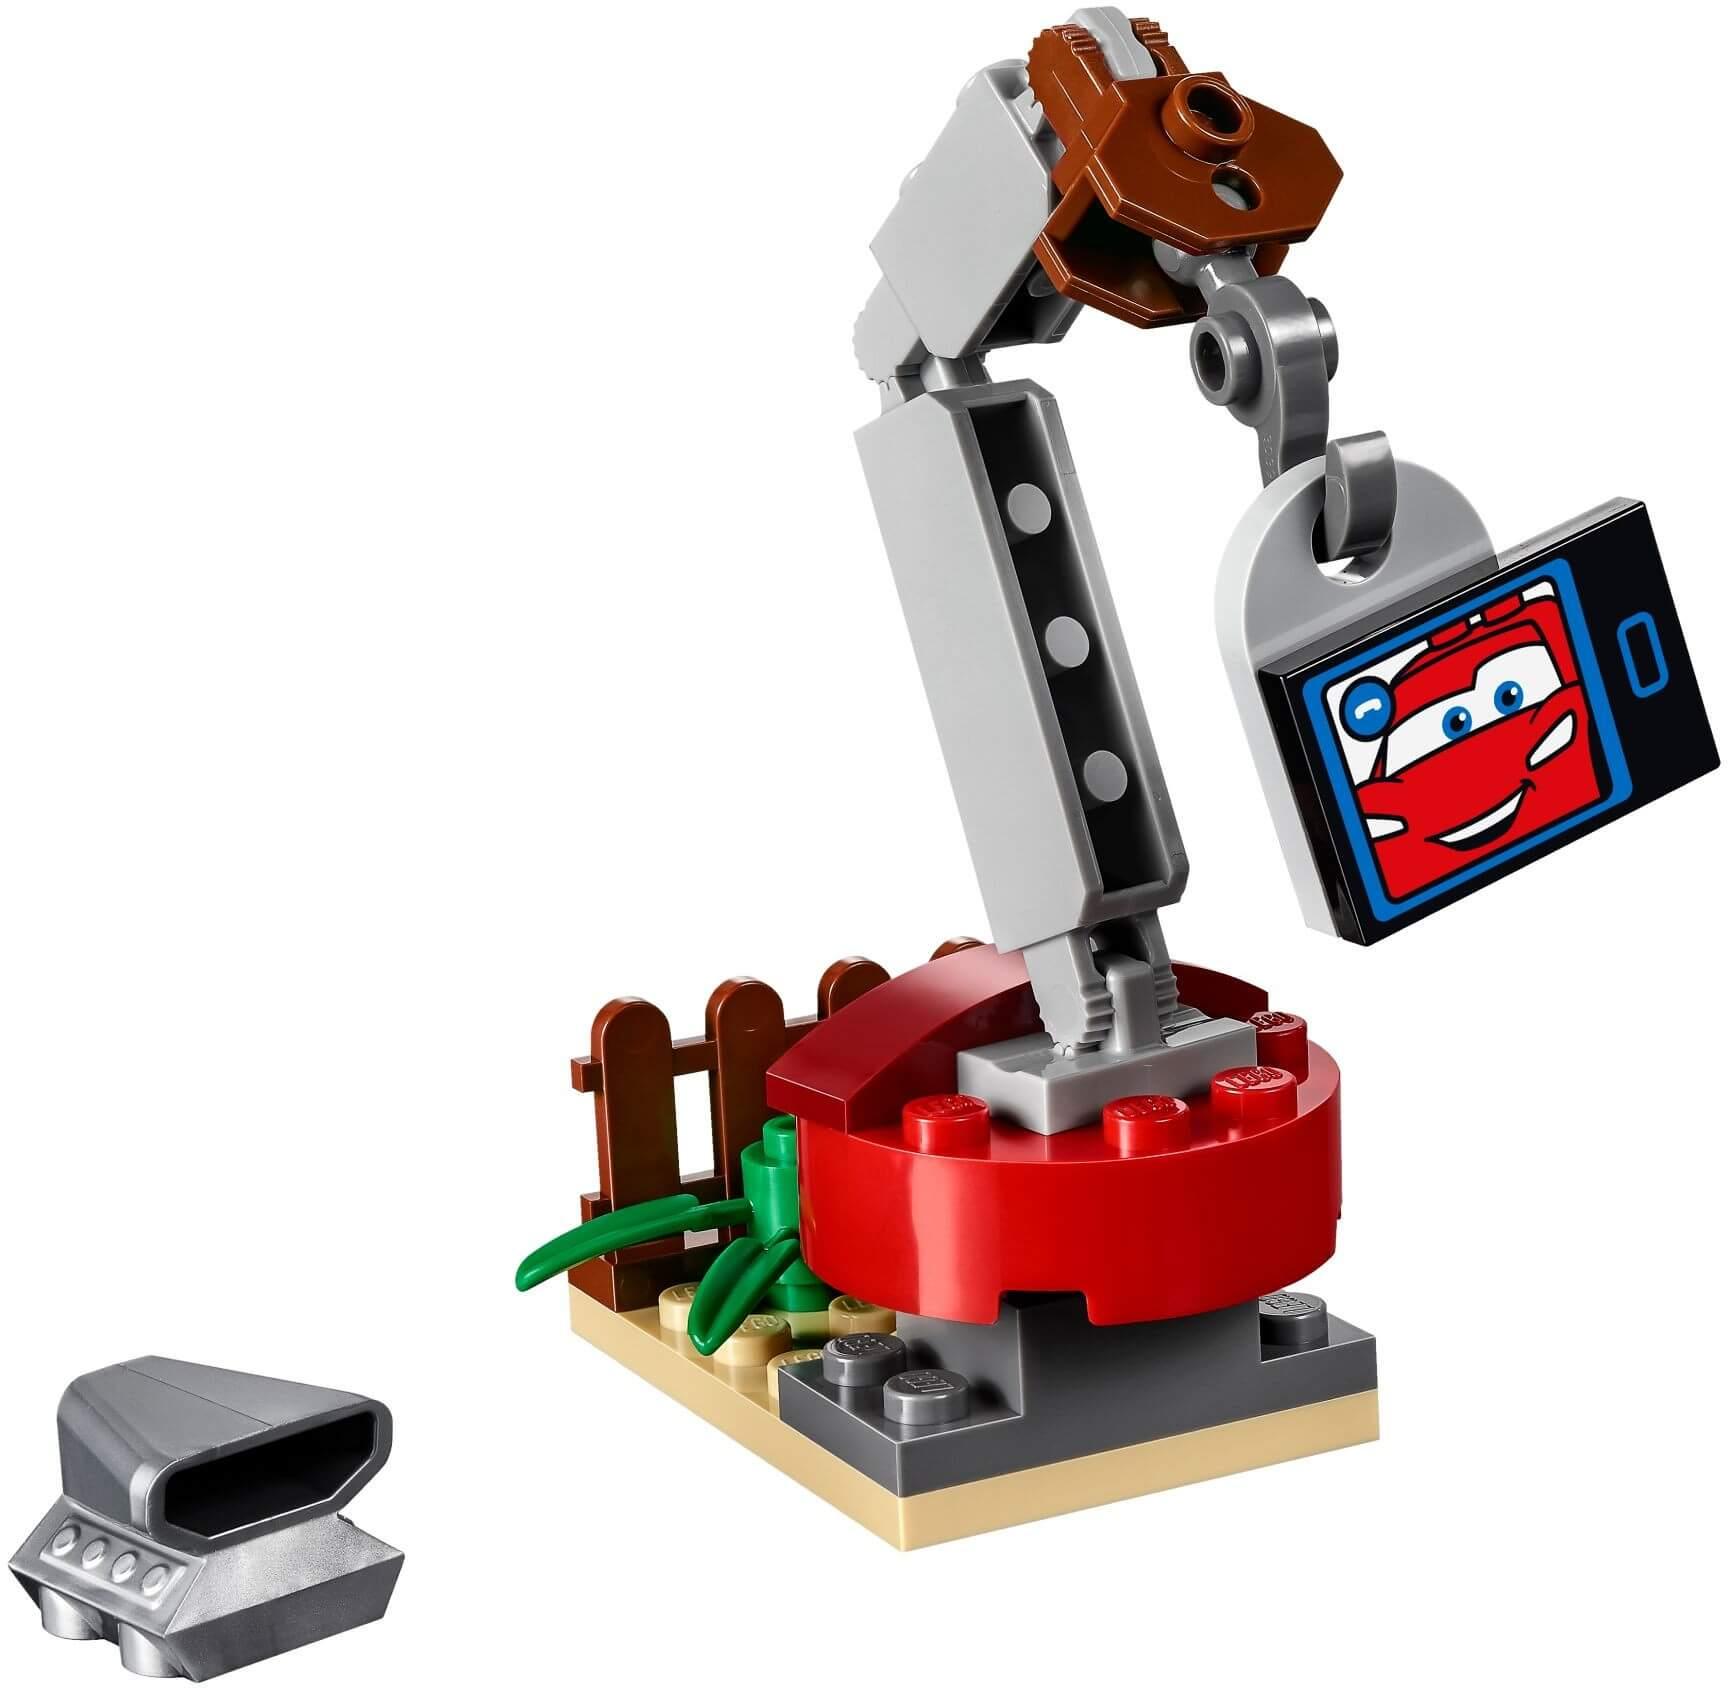 Mua đồ chơi LEGO 10733 - LEGO Juniors 10733 - Bãi Phế Liệu của Mater (LEGO Juniors Mater's Junkyard)